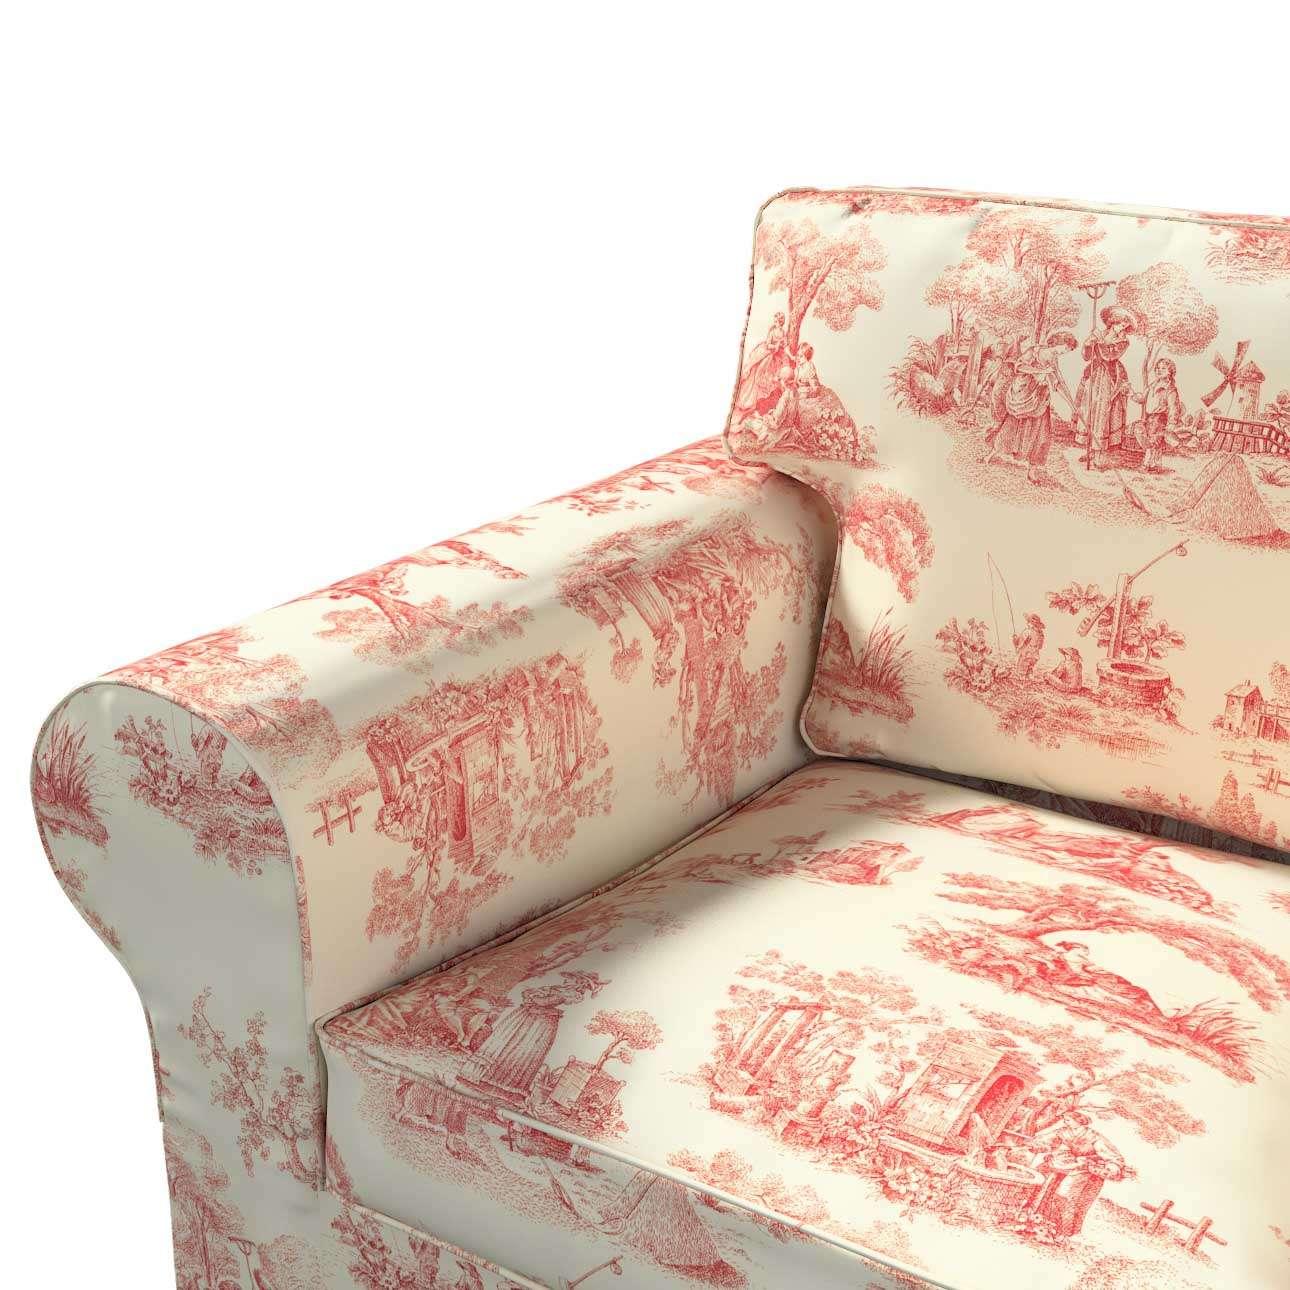 Pokrowiec na sofę Ektorp 2-osobową rozkładaną, model po 2012 w kolekcji Avinon, tkanina: 132-15